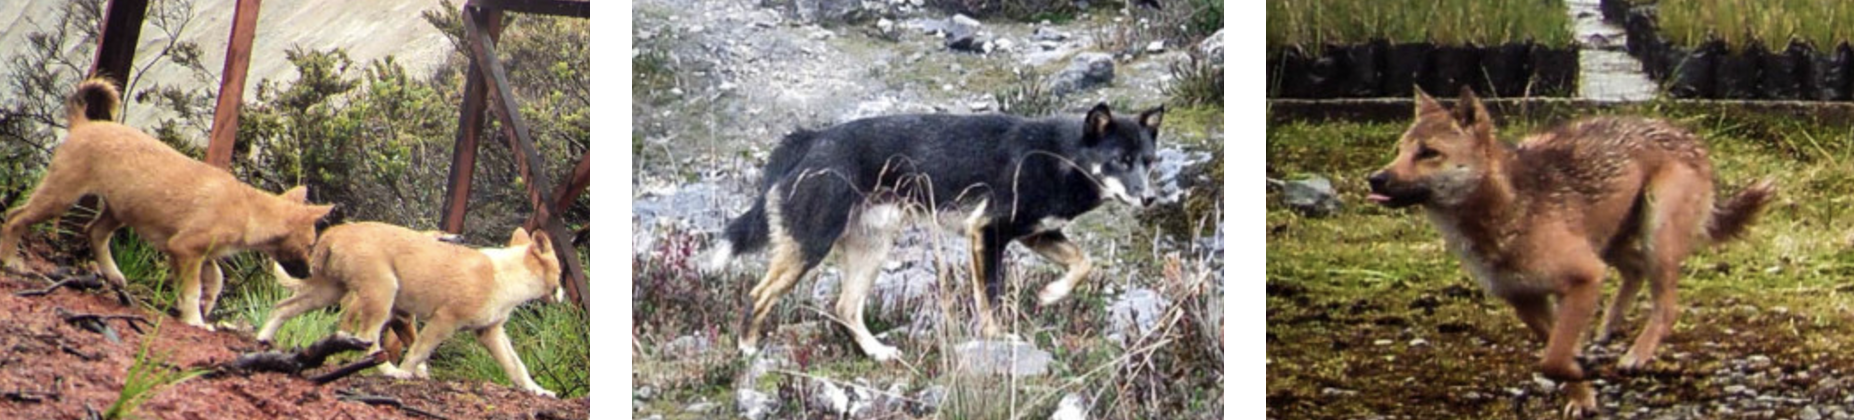 Cães se diferenciam em suas características visuais (Foto: NGHWDF)